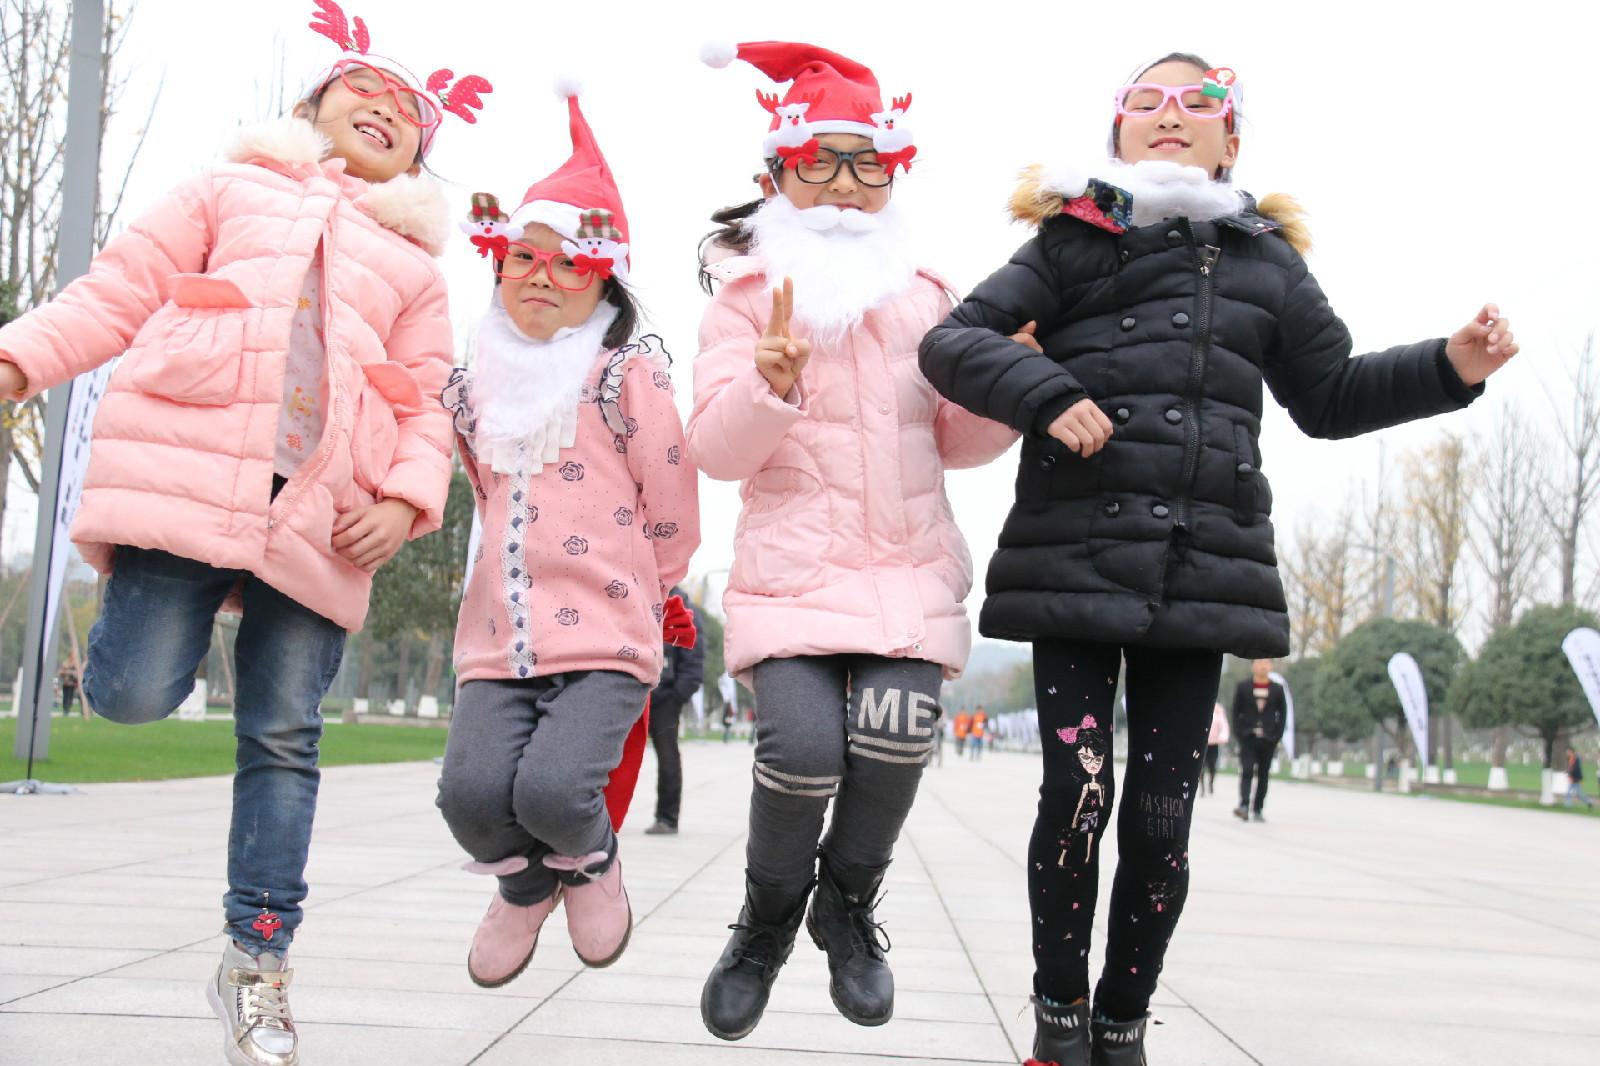 鲁能·运动生活季圣诞冰雪跑